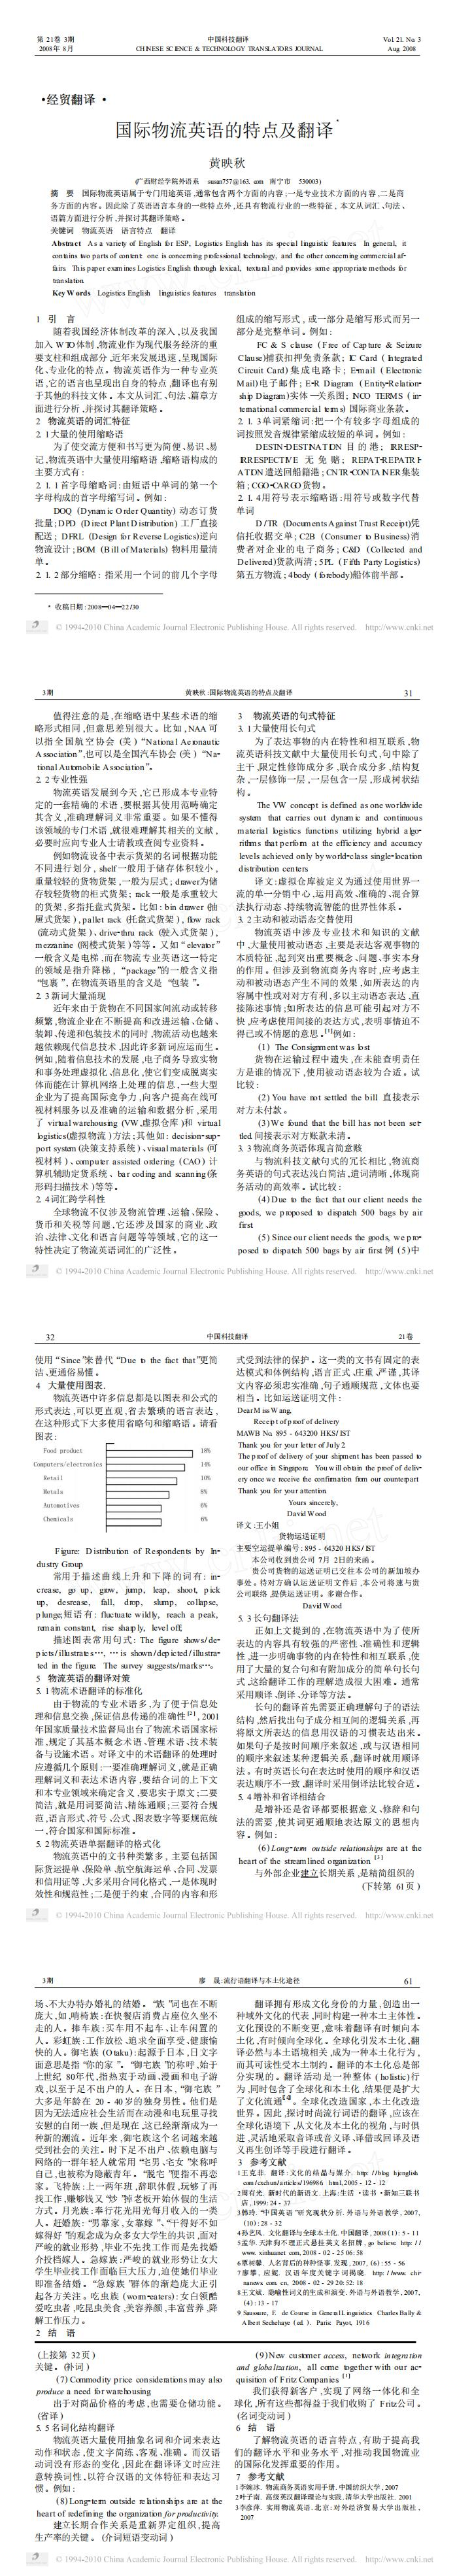 国际物流英语的特点及翻译_0.png